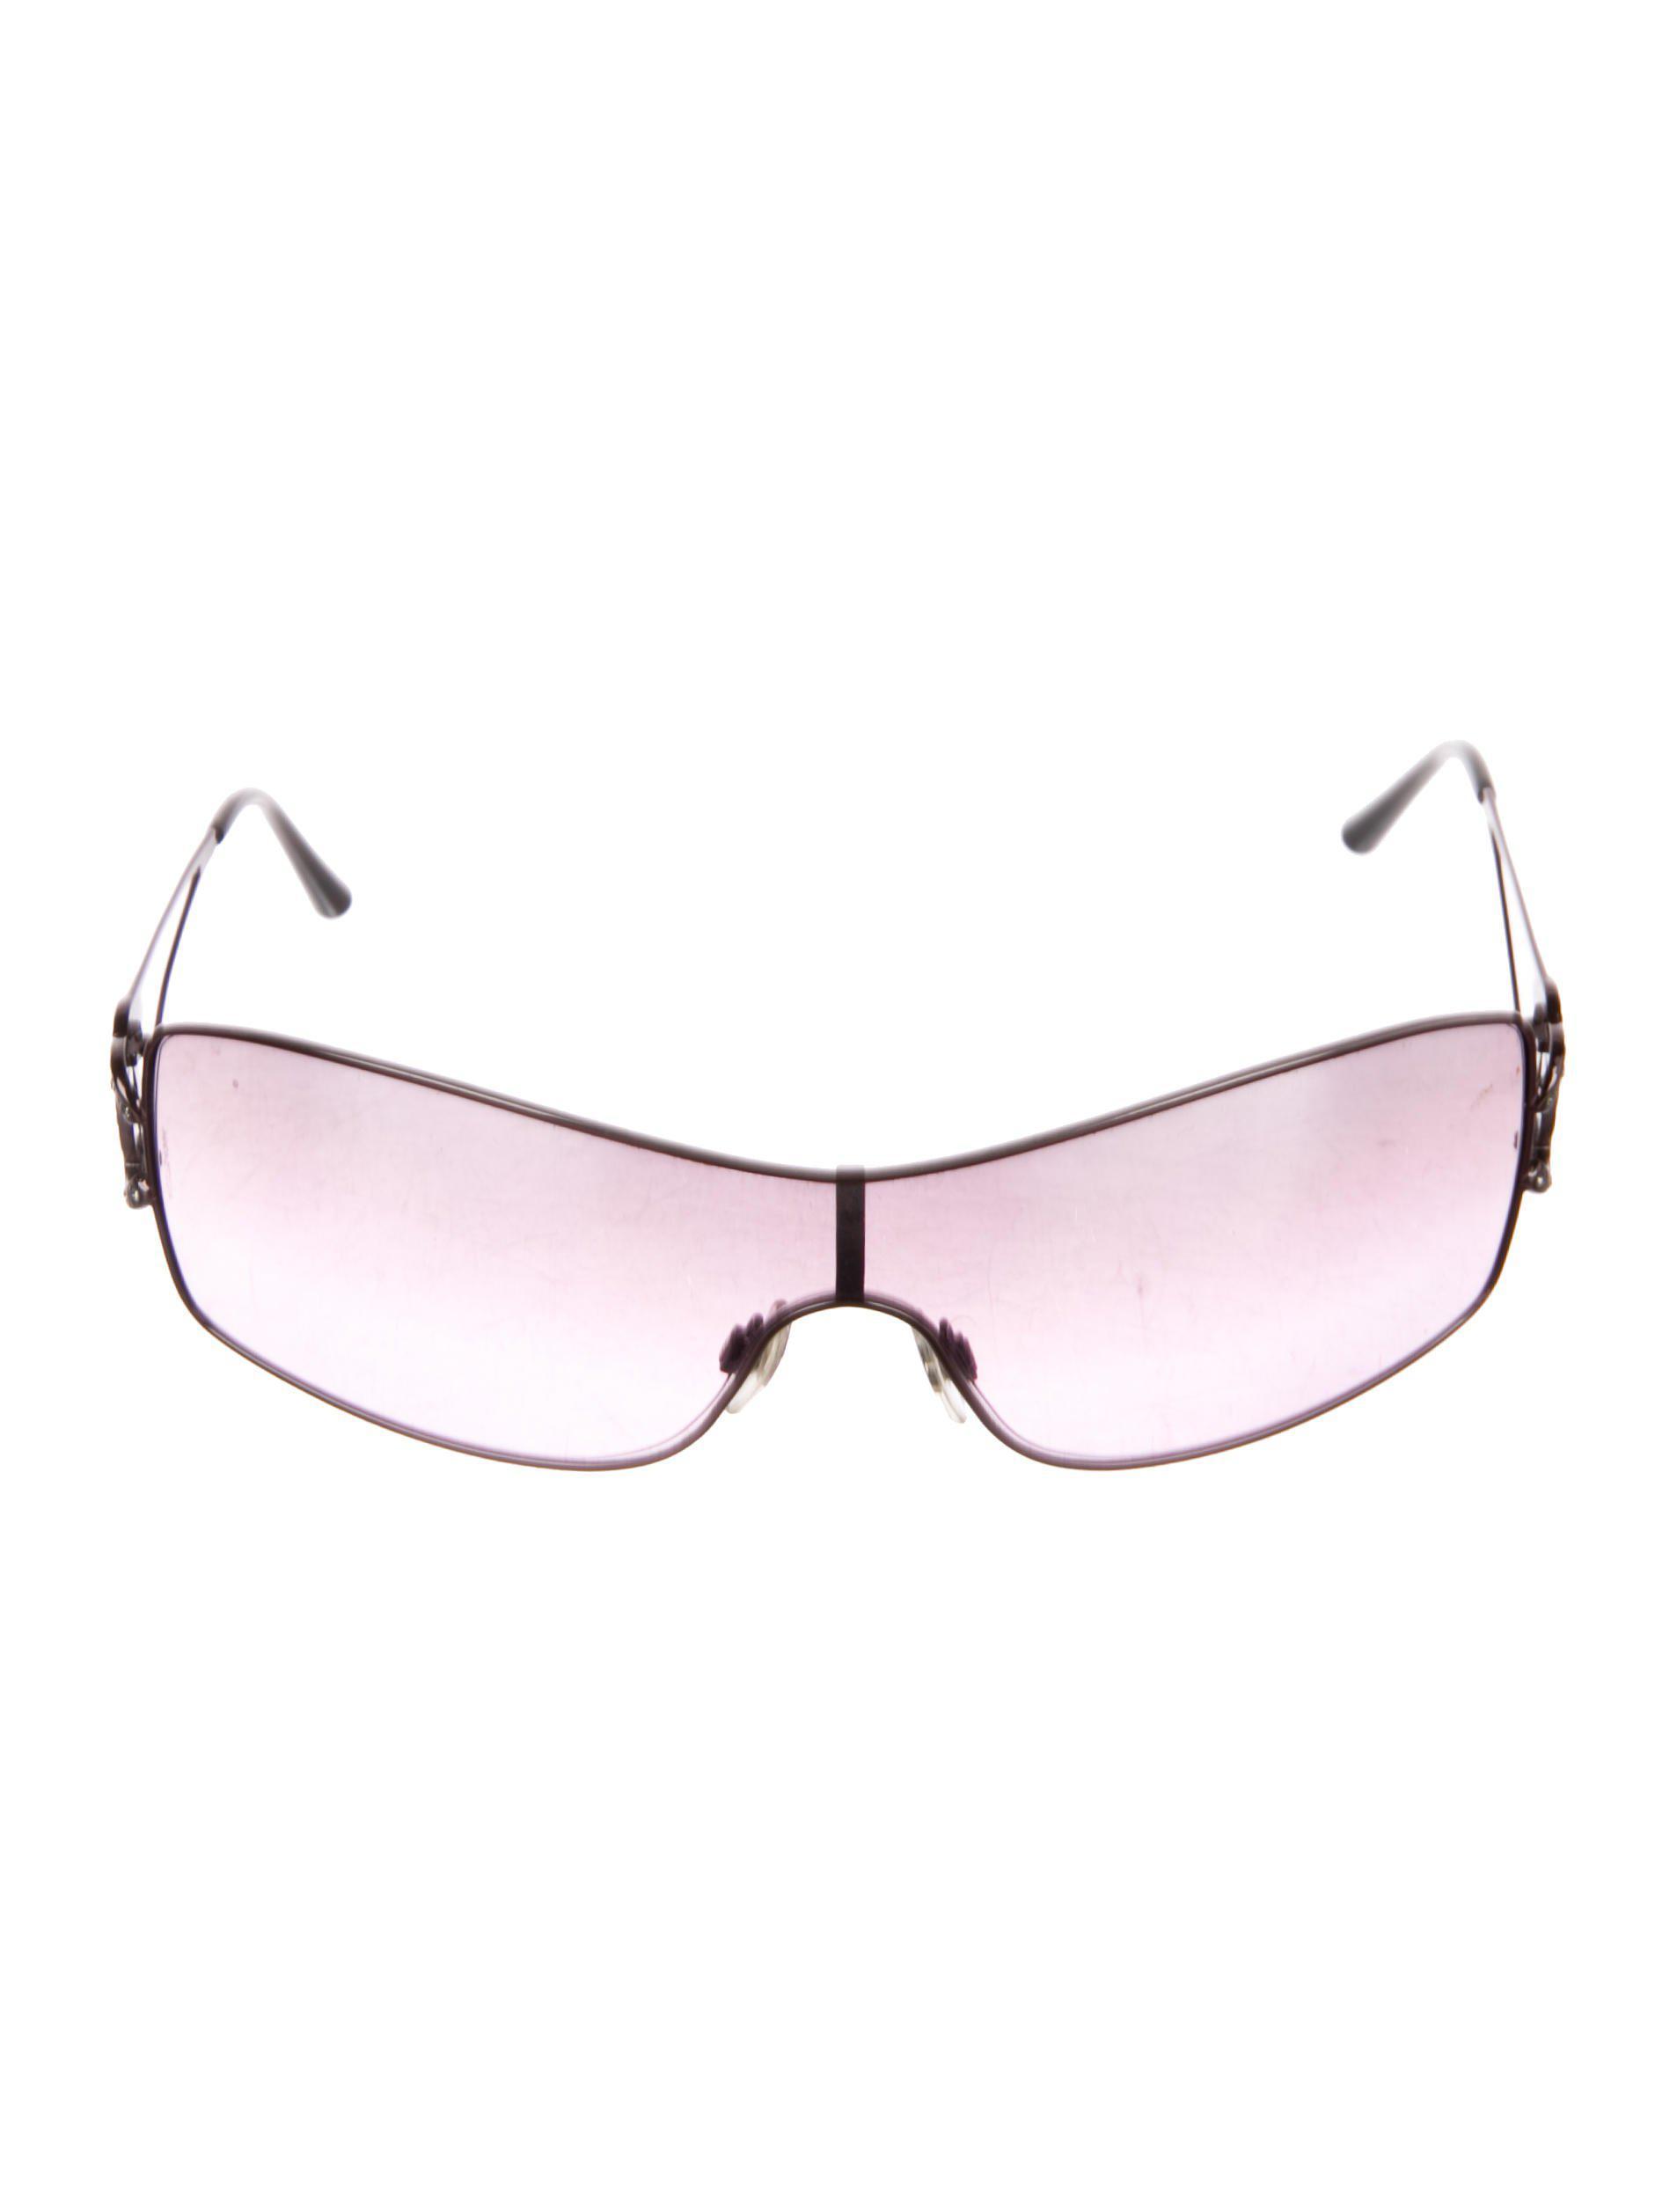 63b61fe463da Lyst - Chanel Crystal Cc Sunglasses in Purple